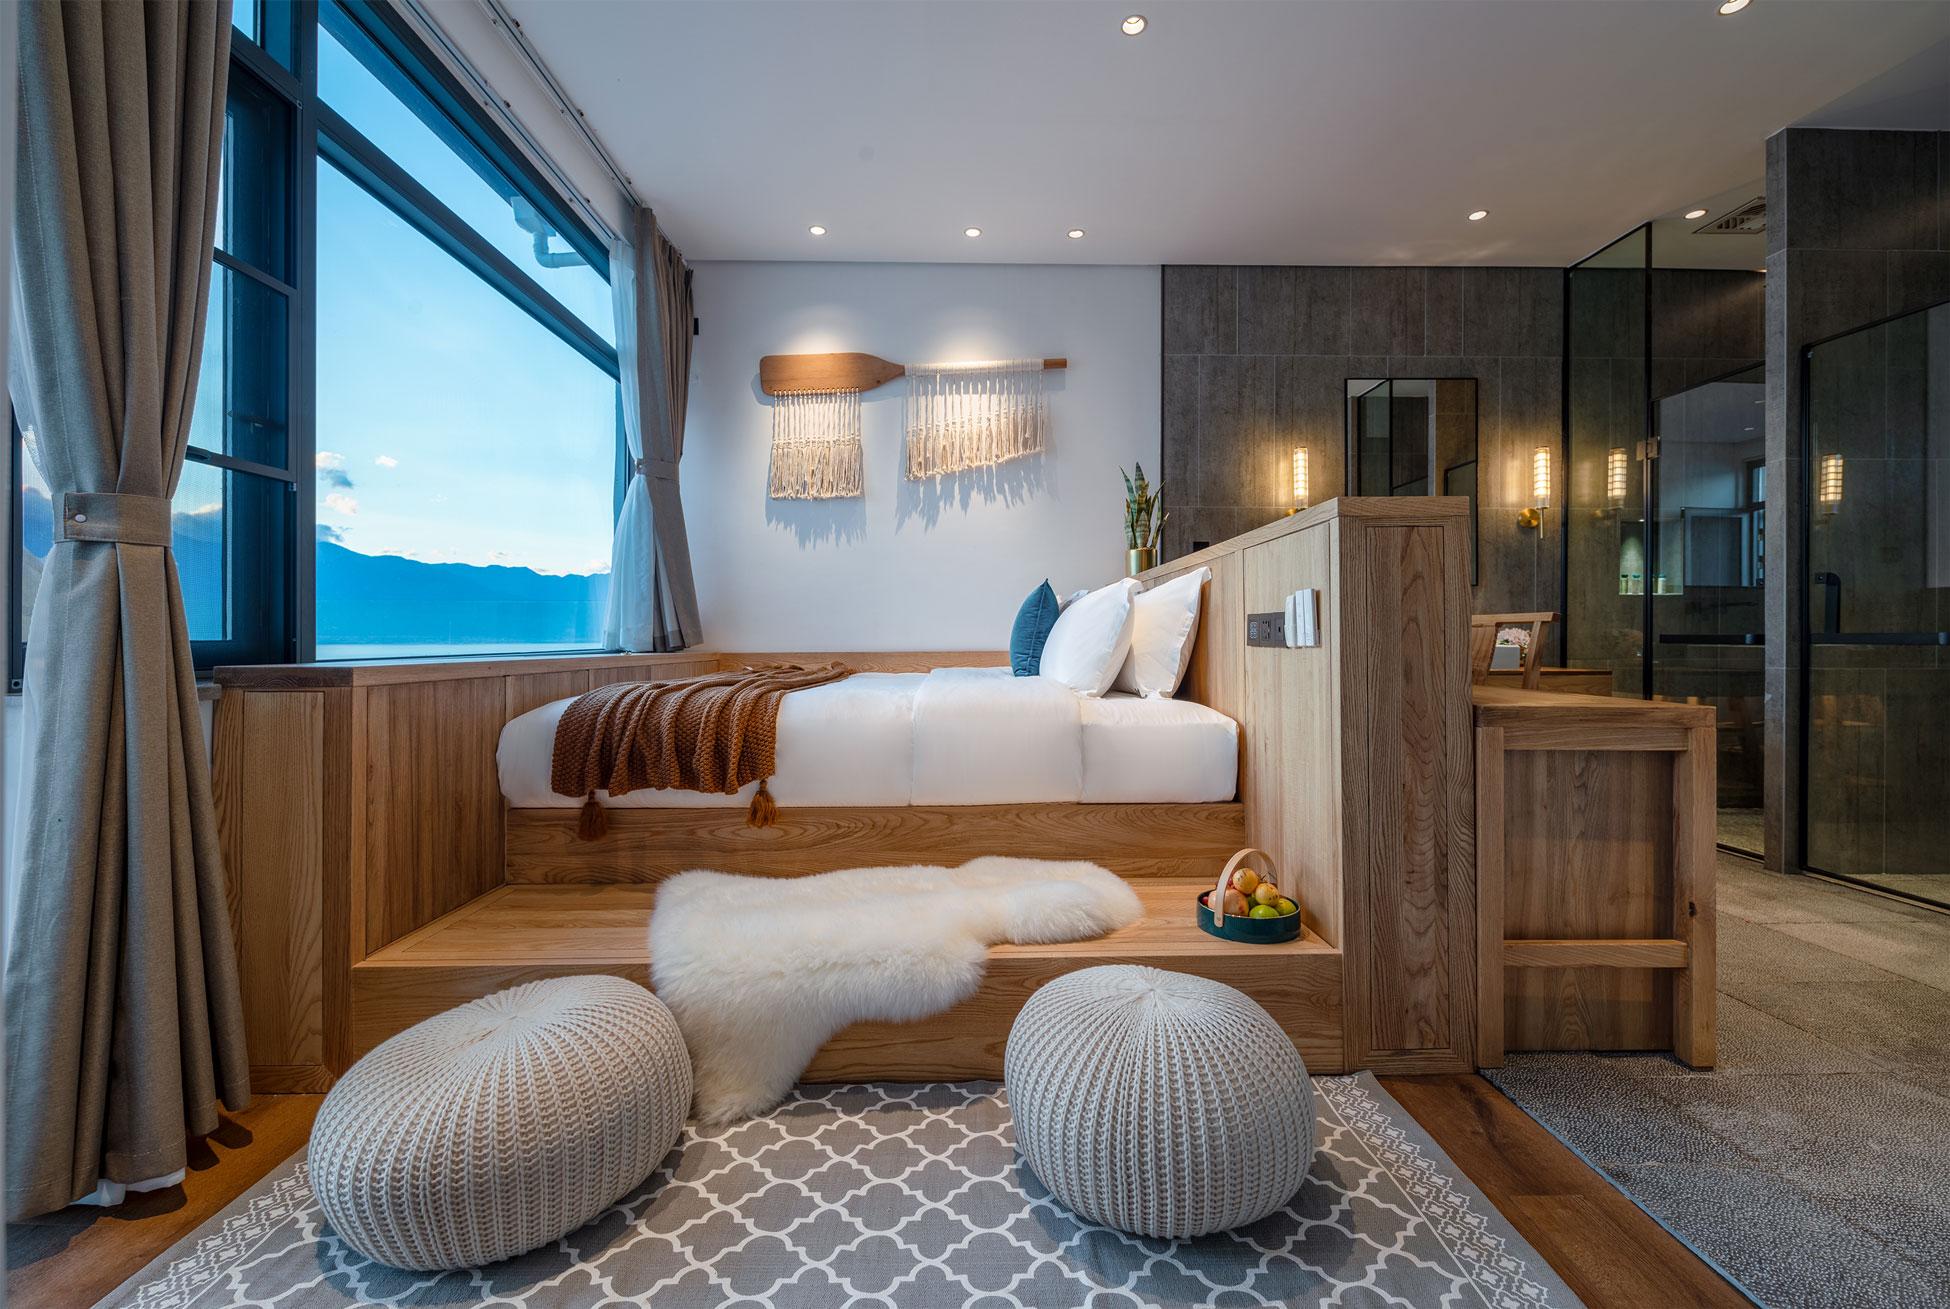 大理缦山一色海景民宿空间设计|长空创作